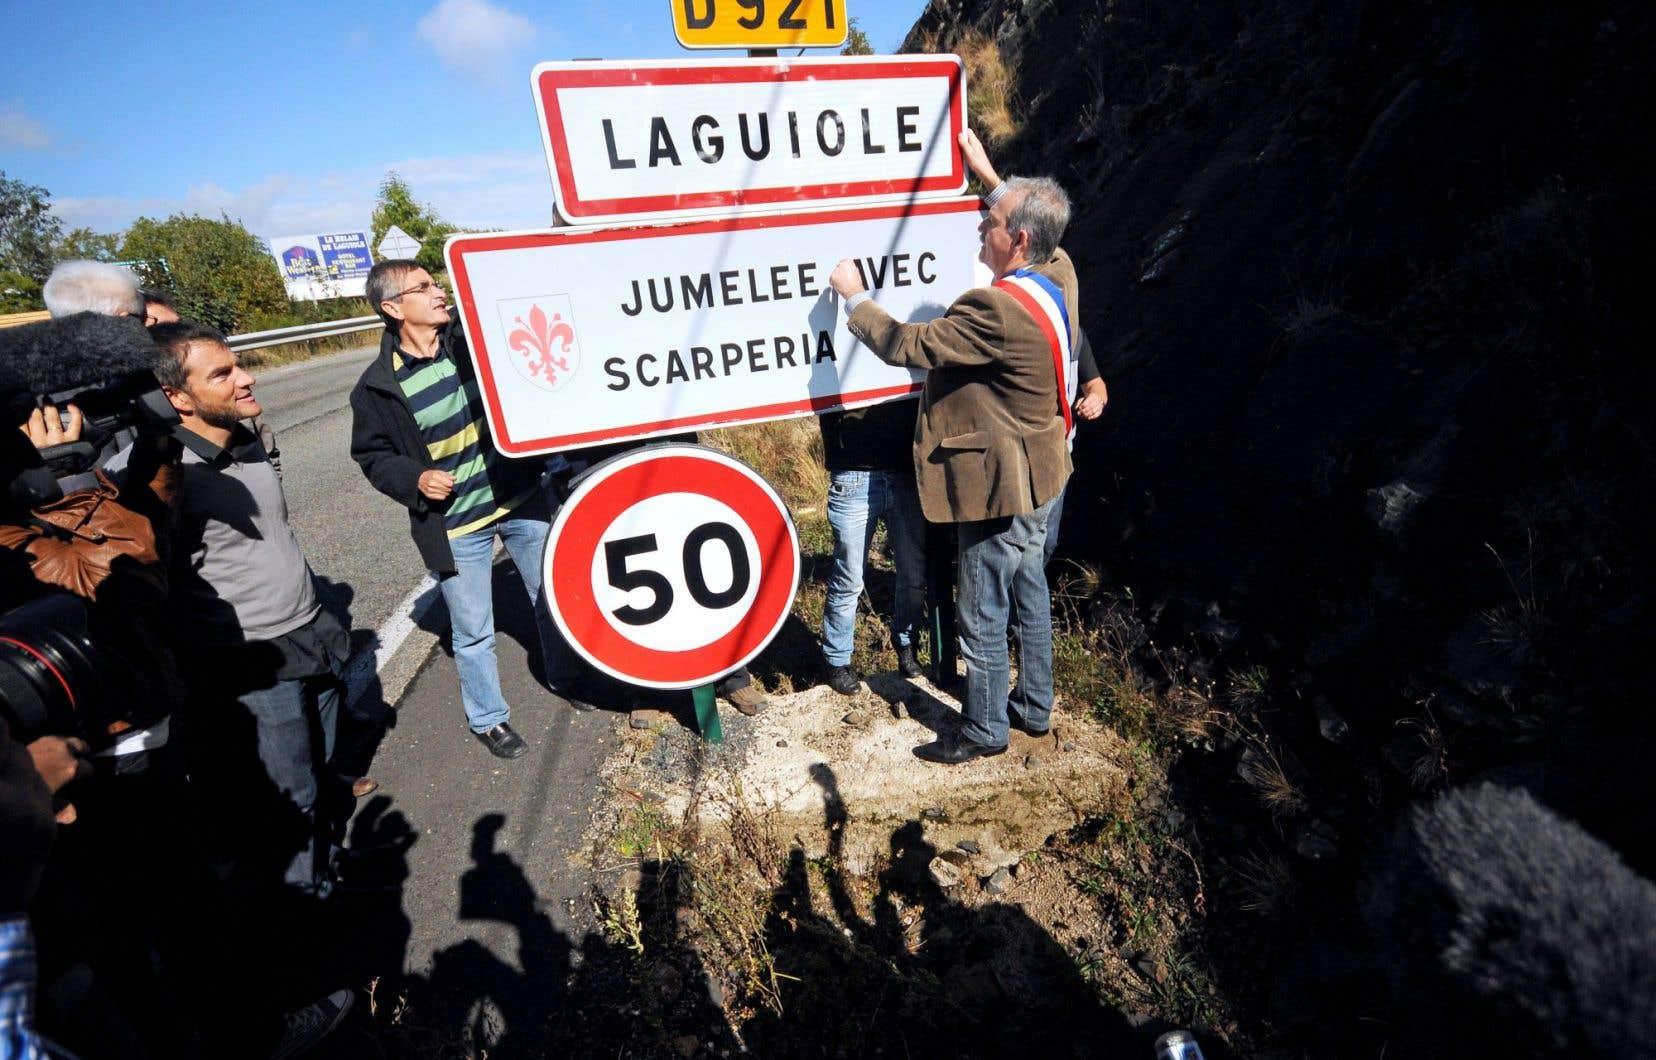 En 2012, les habitants de Laguiole avaient symboliquement retiré le panneau d'identification du village pour protester contre la perte de contrôle sur la marque.